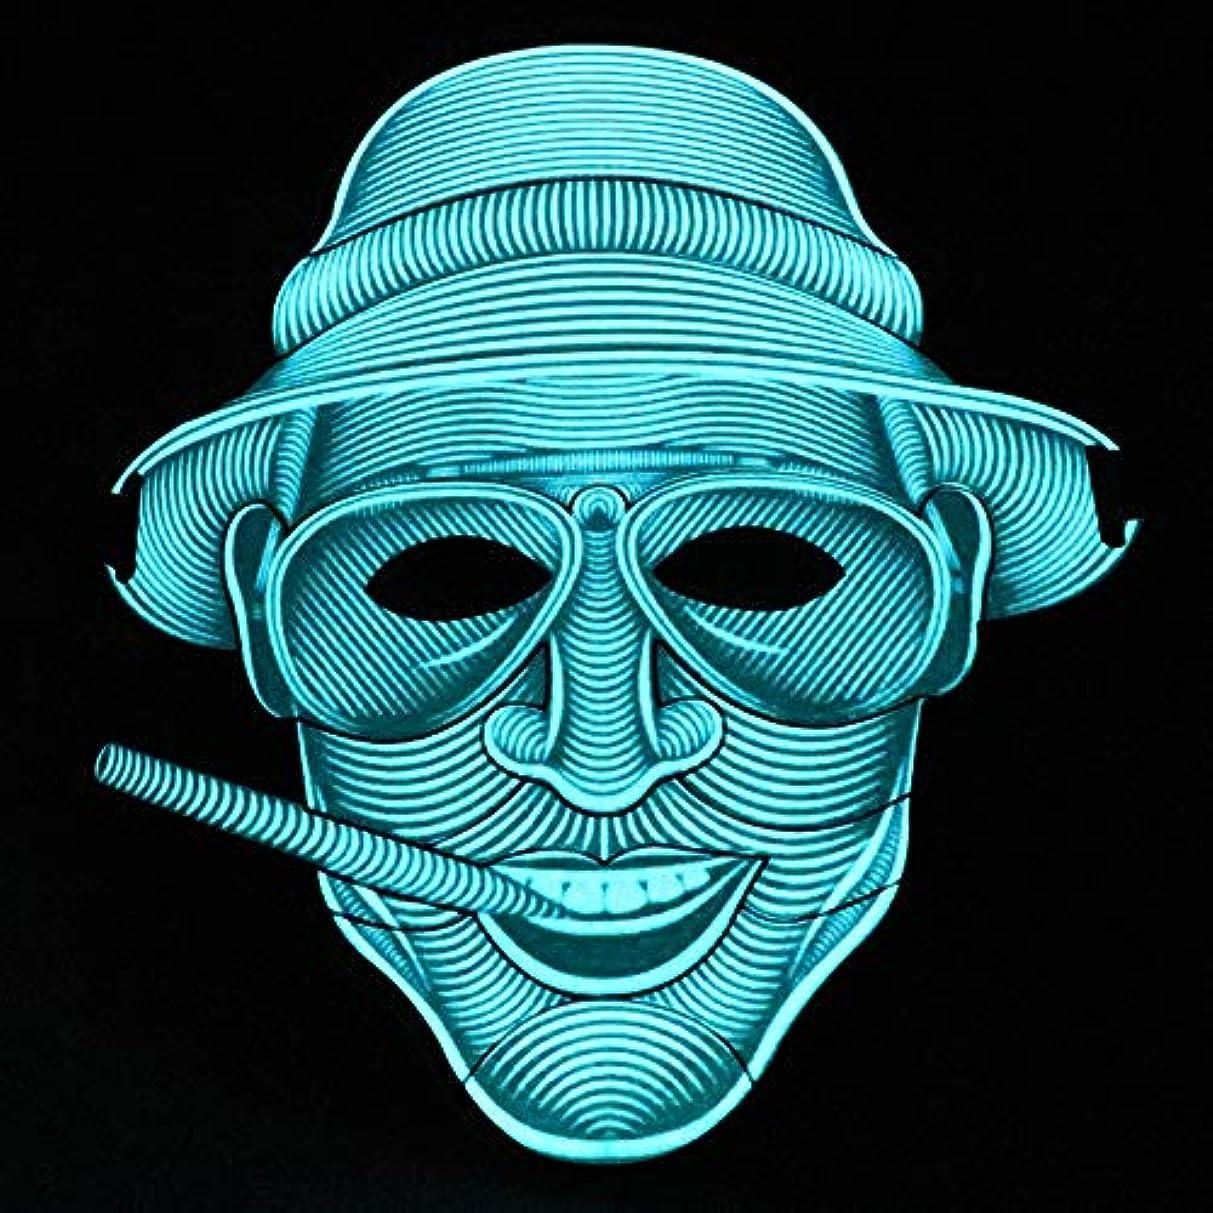 照らされたマスクLED創造的な冷光音響制御マスクハロウィンバーフェスティバルダンスマスク (Color : #1)